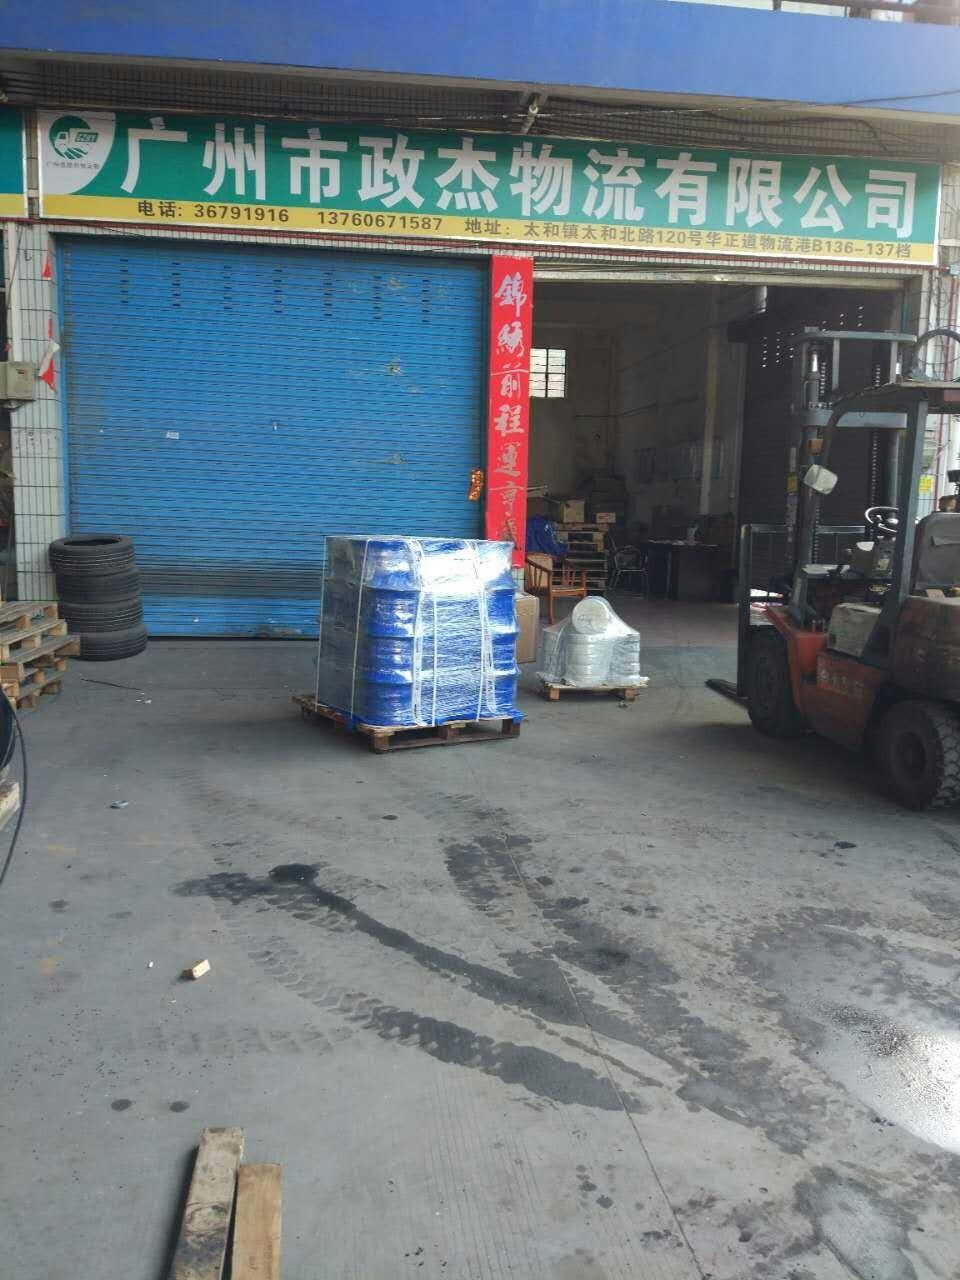 广州到宣城物流专线(广州市顺丰货运中心)